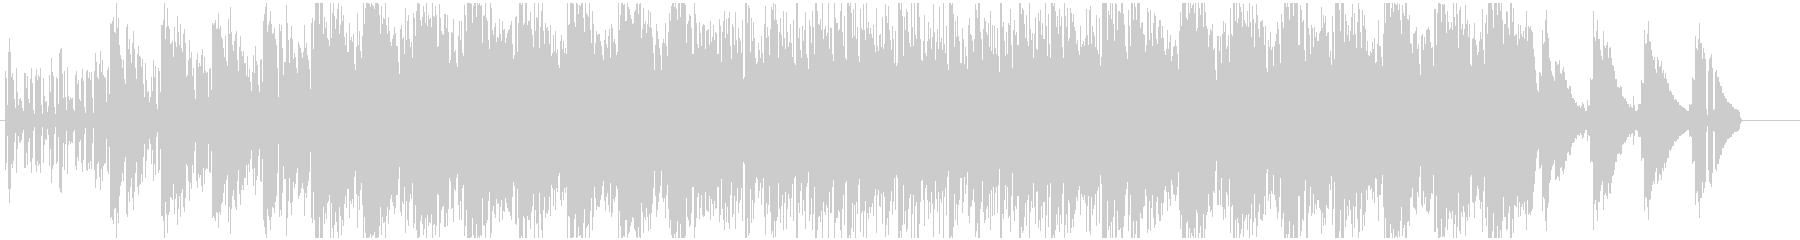 切ないピアノのリフレインとコーラスの未再生の波形